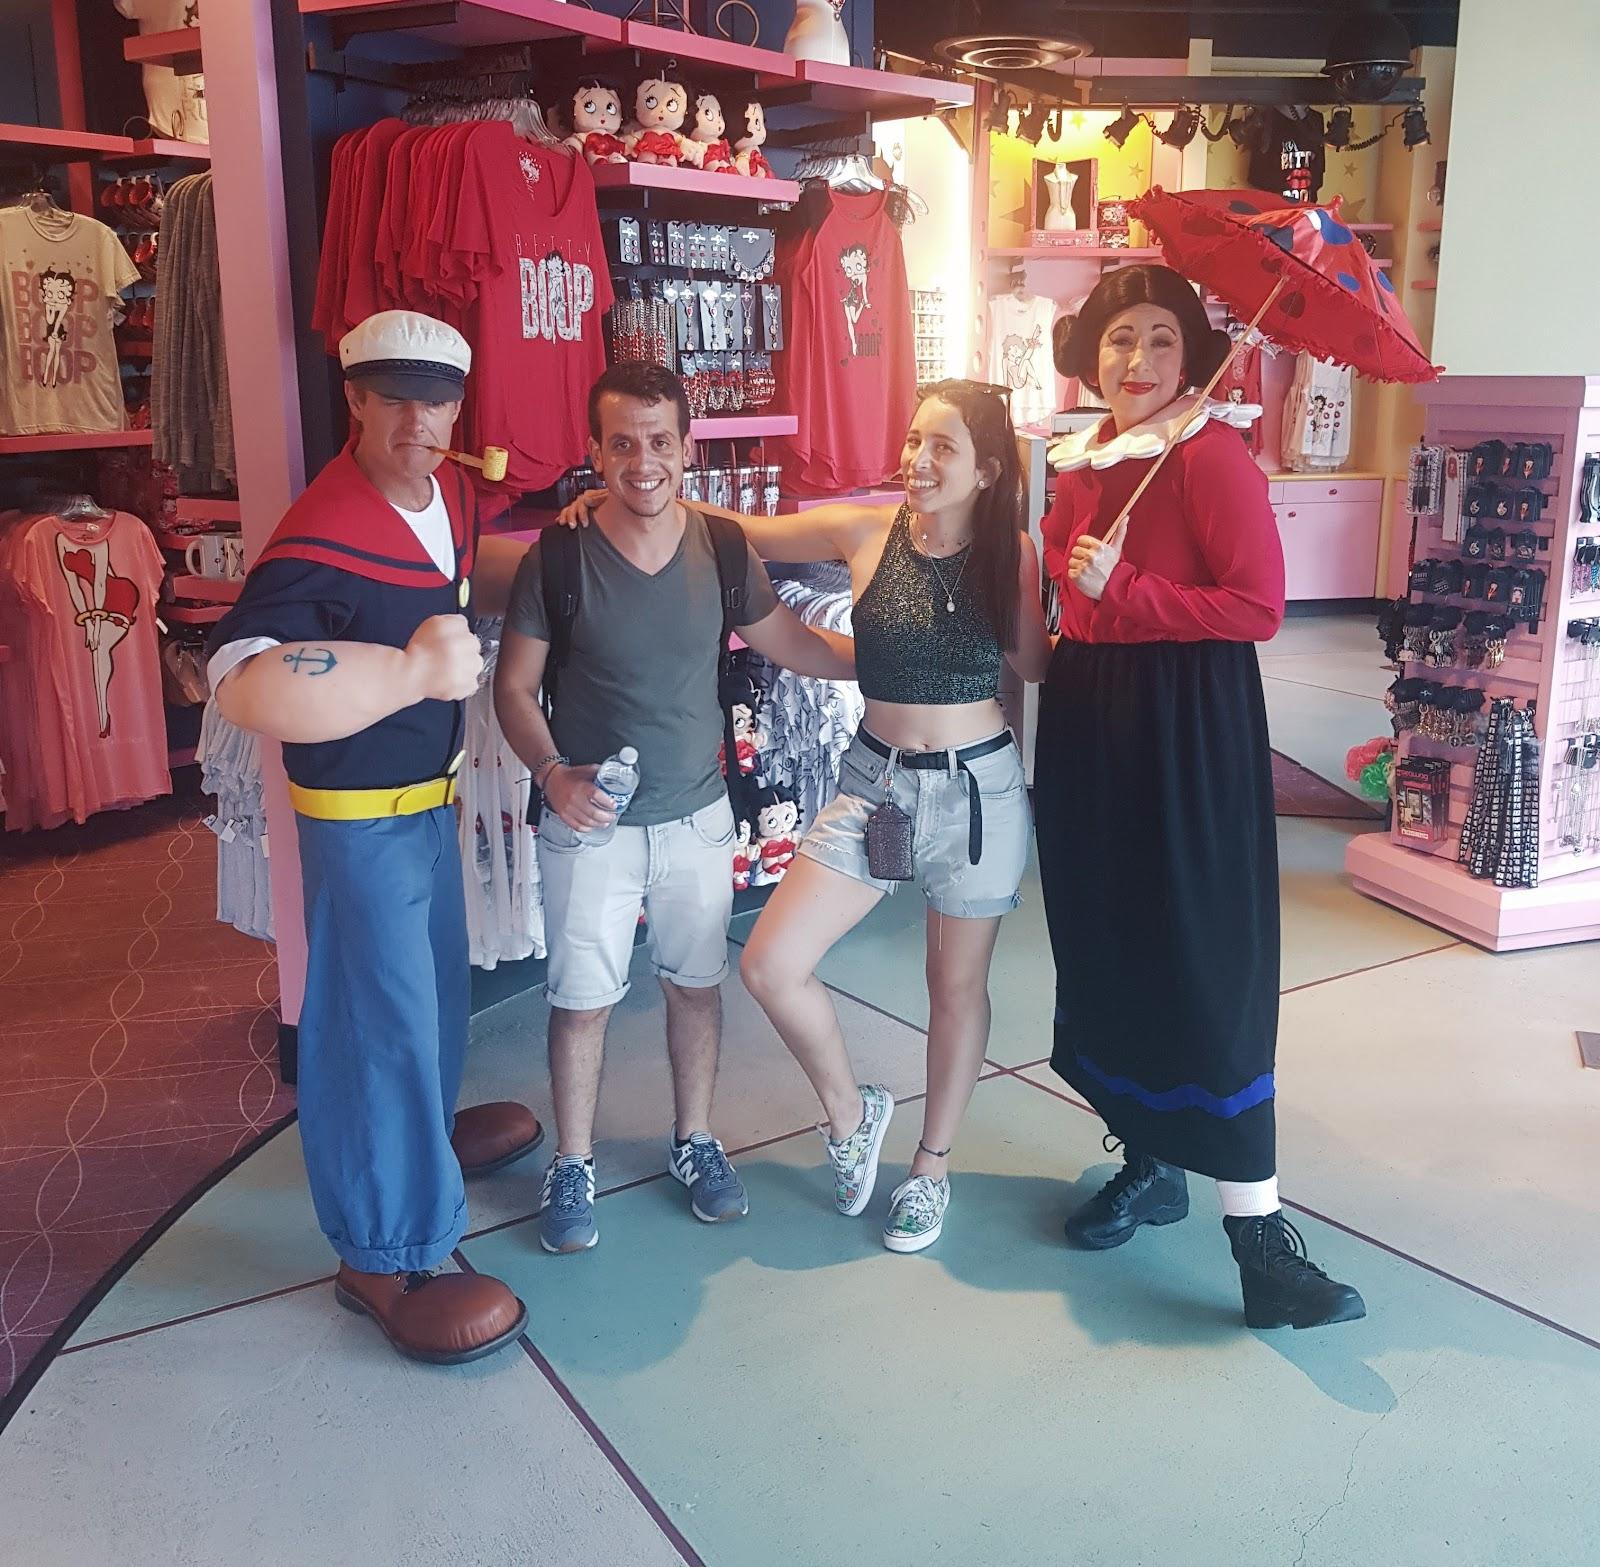 המלצות טיפים חשובים לטיול בפלורידה צעירים זוגות משפחות עם ילדים לאן שווה ללכת ארצות הברית